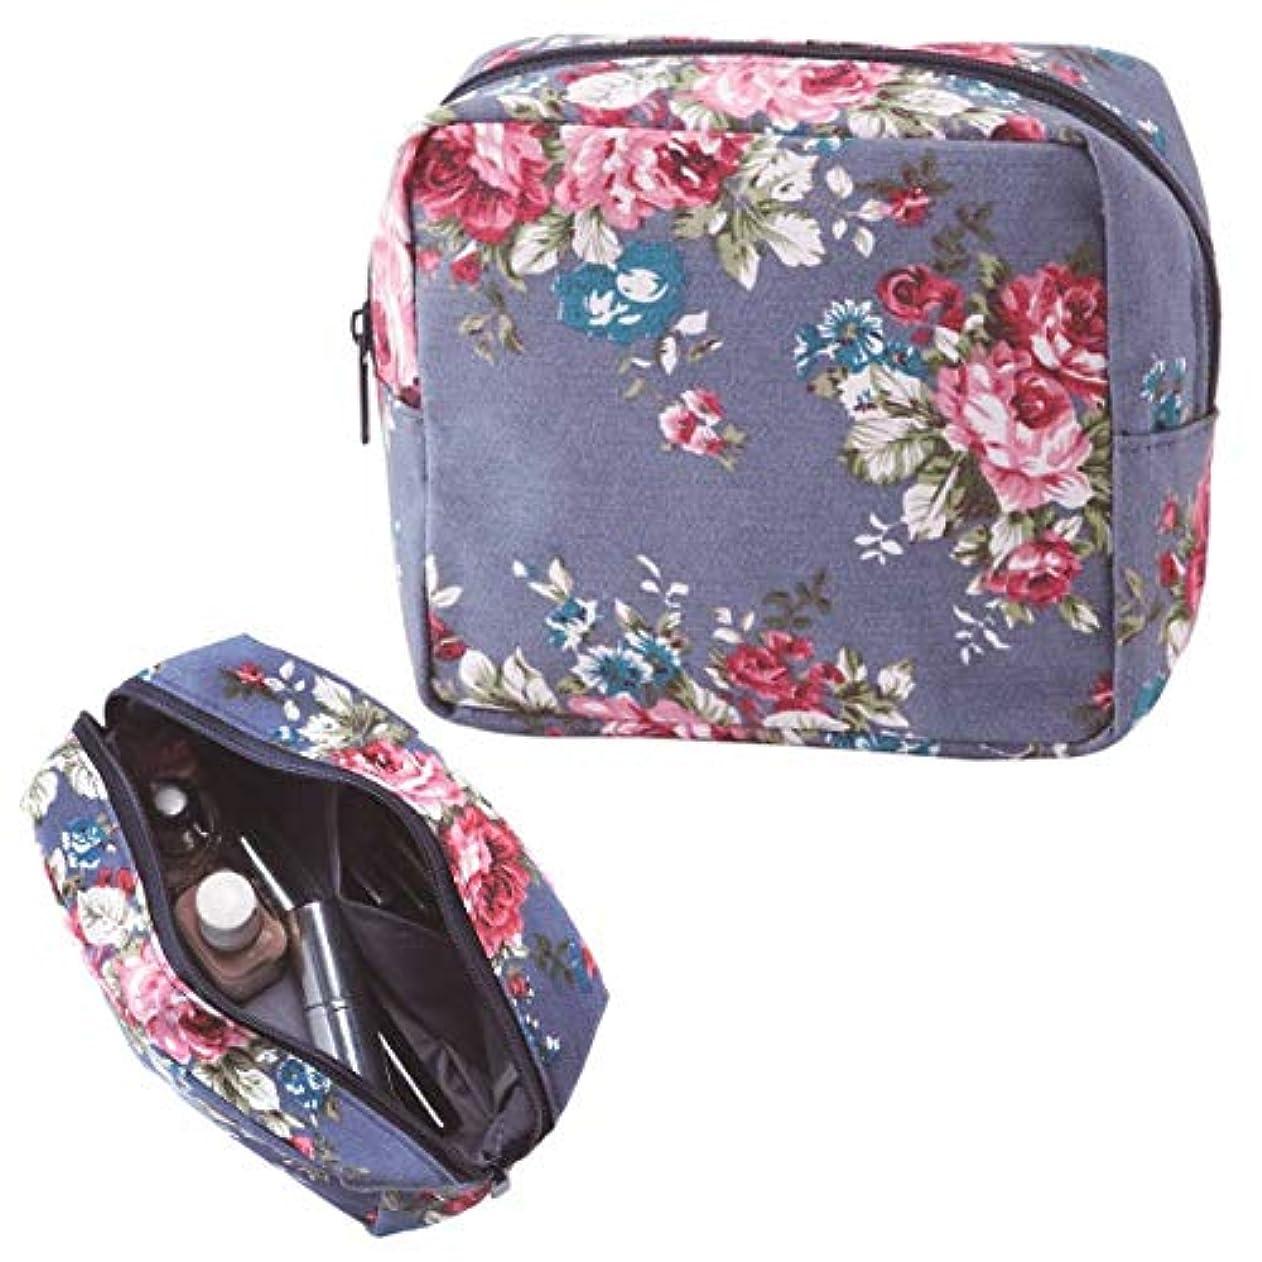 正気魅力報酬のレトロ感のあるローズ柄 花柄 化粧ポーチ コスメポーチ ボックス型ポーチ 小物入れ